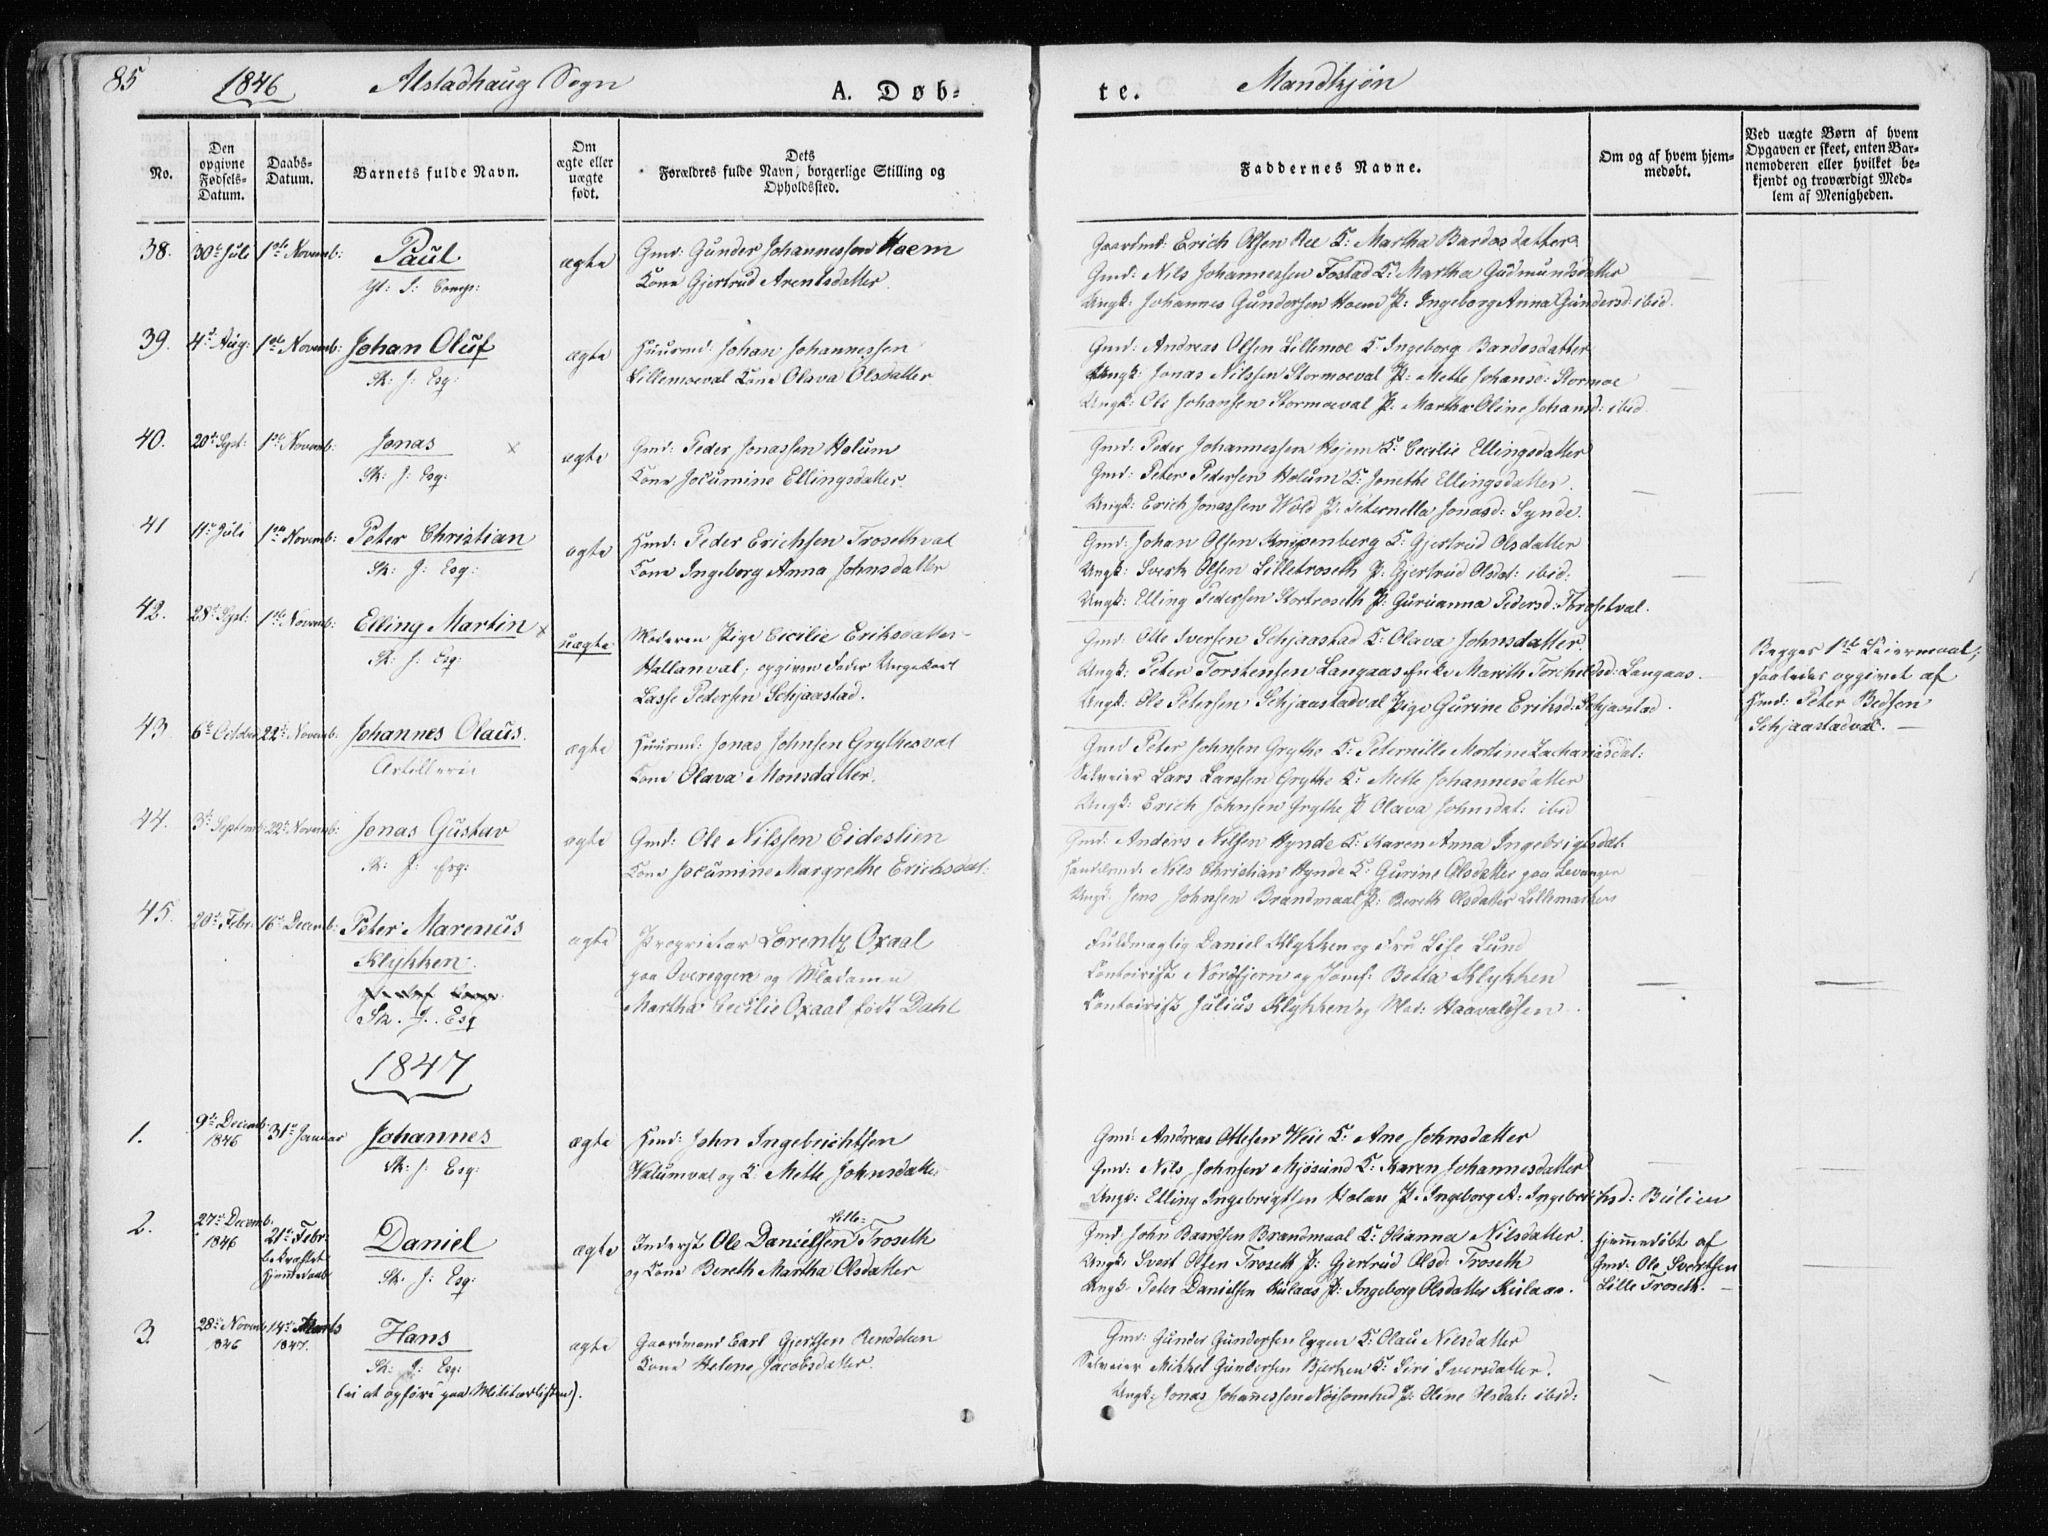 SAT, Ministerialprotokoller, klokkerbøker og fødselsregistre - Nord-Trøndelag, 717/L0154: Ministerialbok nr. 717A06 /1, 1836-1849, s. 85